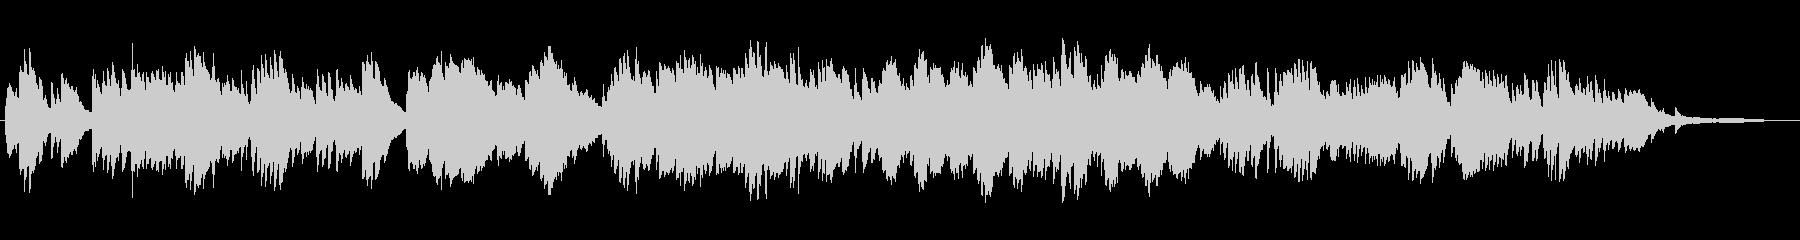 切ないバラード風の ピアノソロの未再生の波形